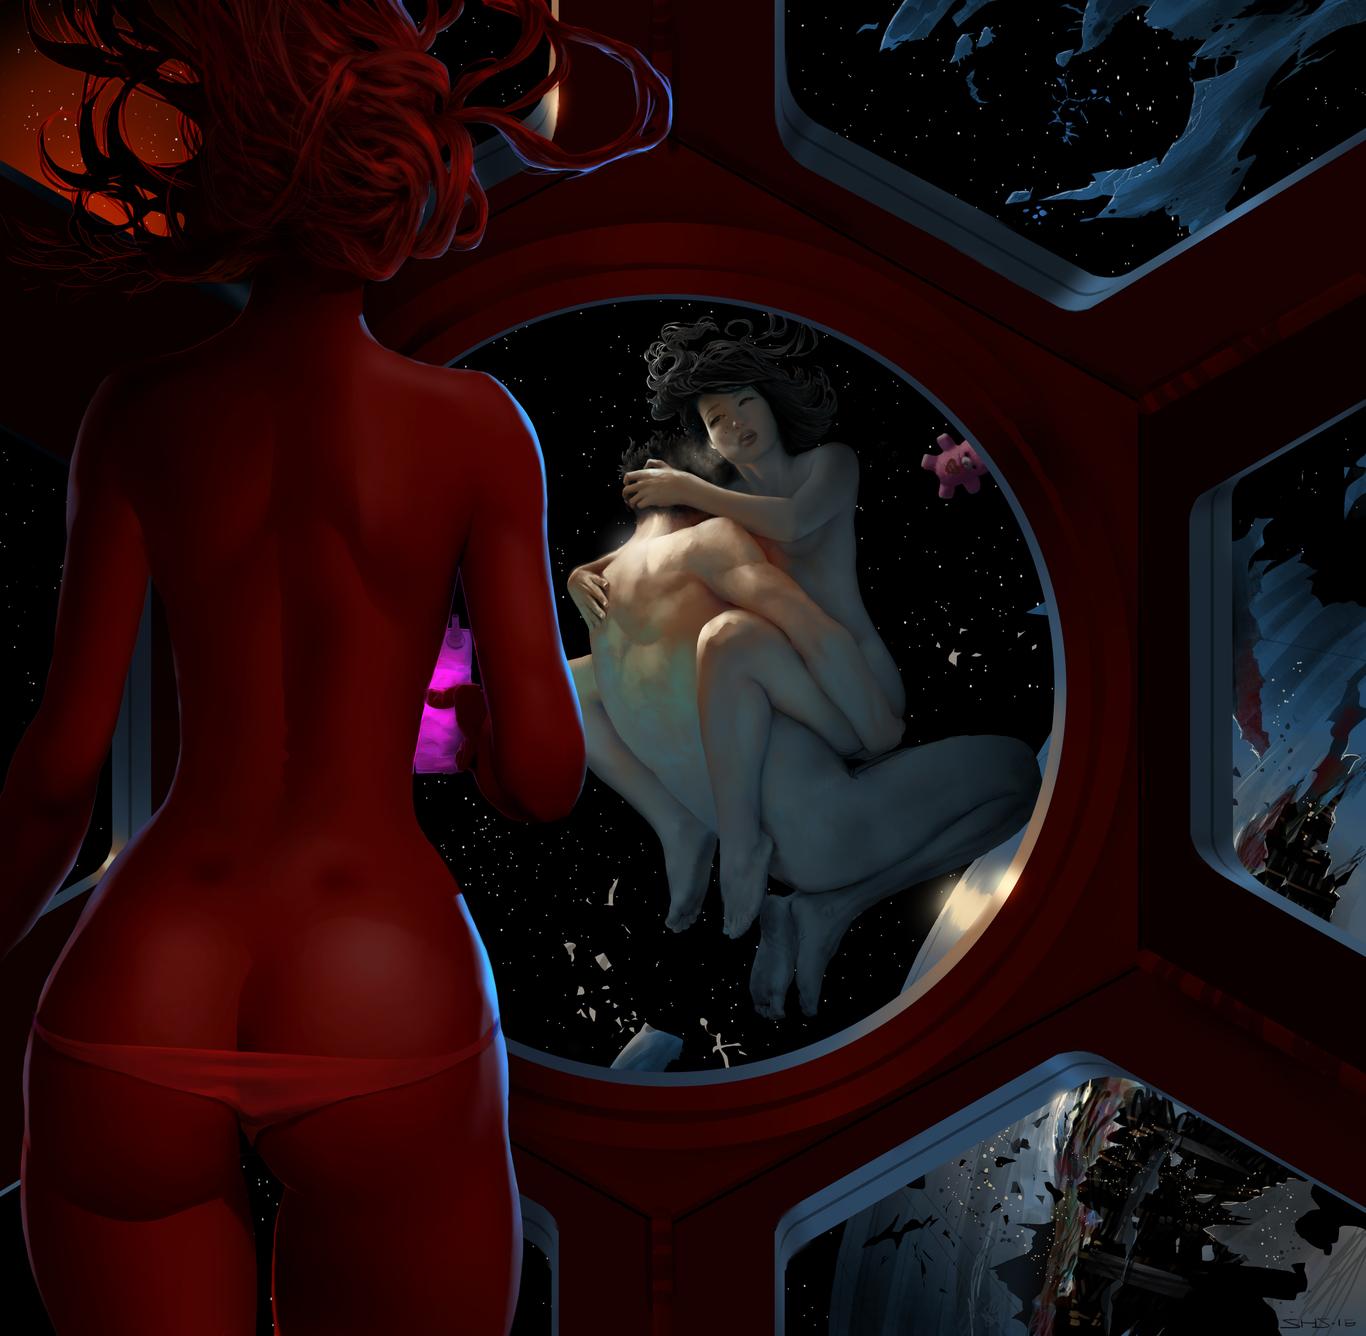 Порно фильм художественный фантастика космос смотреть онлайн, как толстые мужики развлекаются с худенькими девушками видео